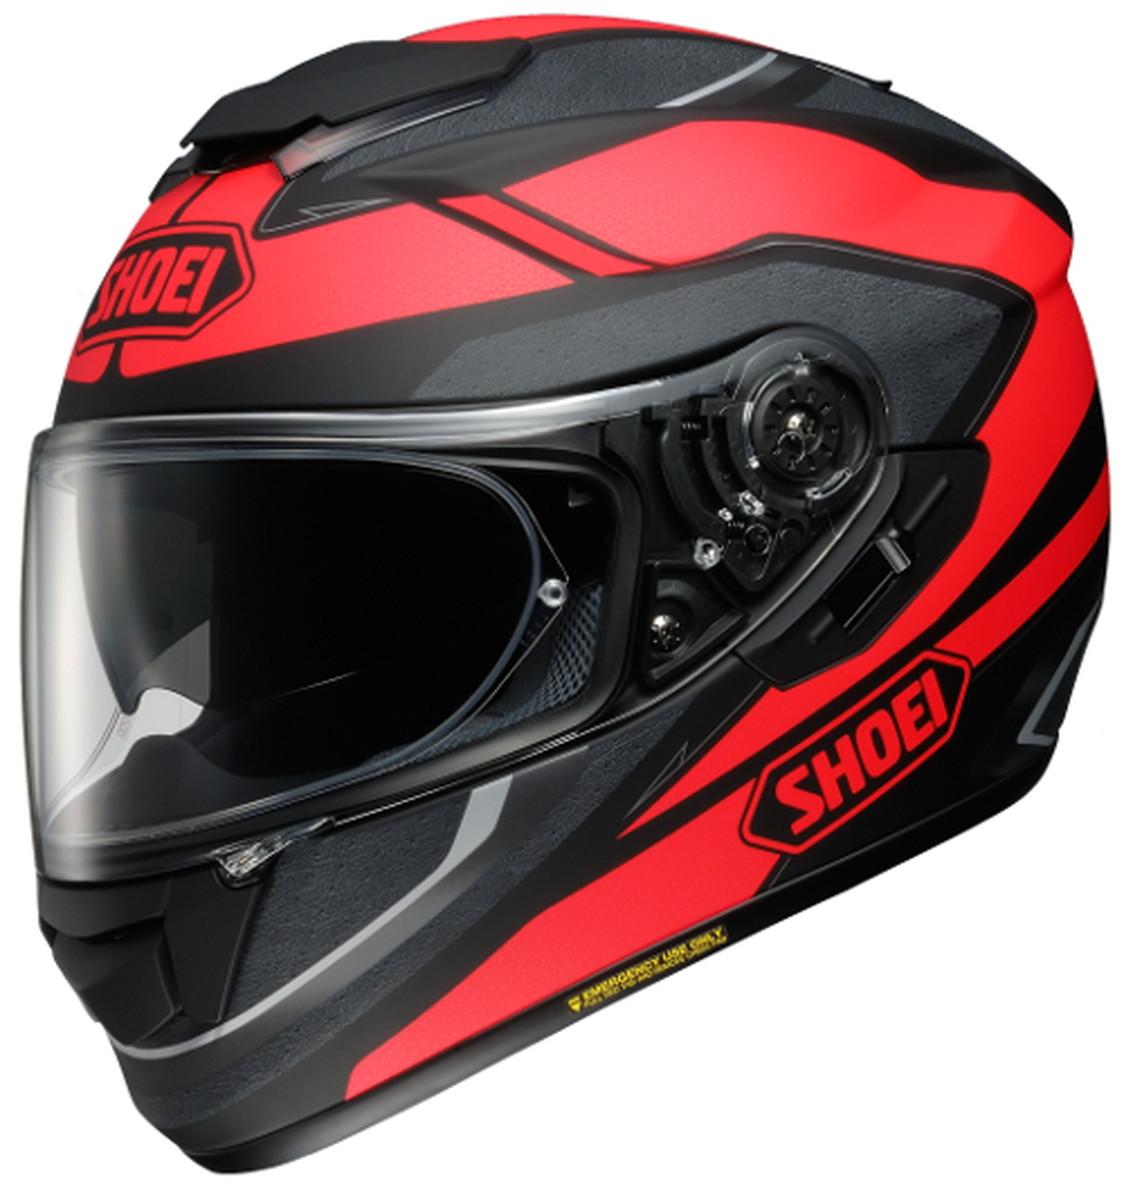 【動画あり】 SHOEI フルフェイスヘルメット GT-AIR SWAYER (スウェイヤー) TC-1 XLサイズ